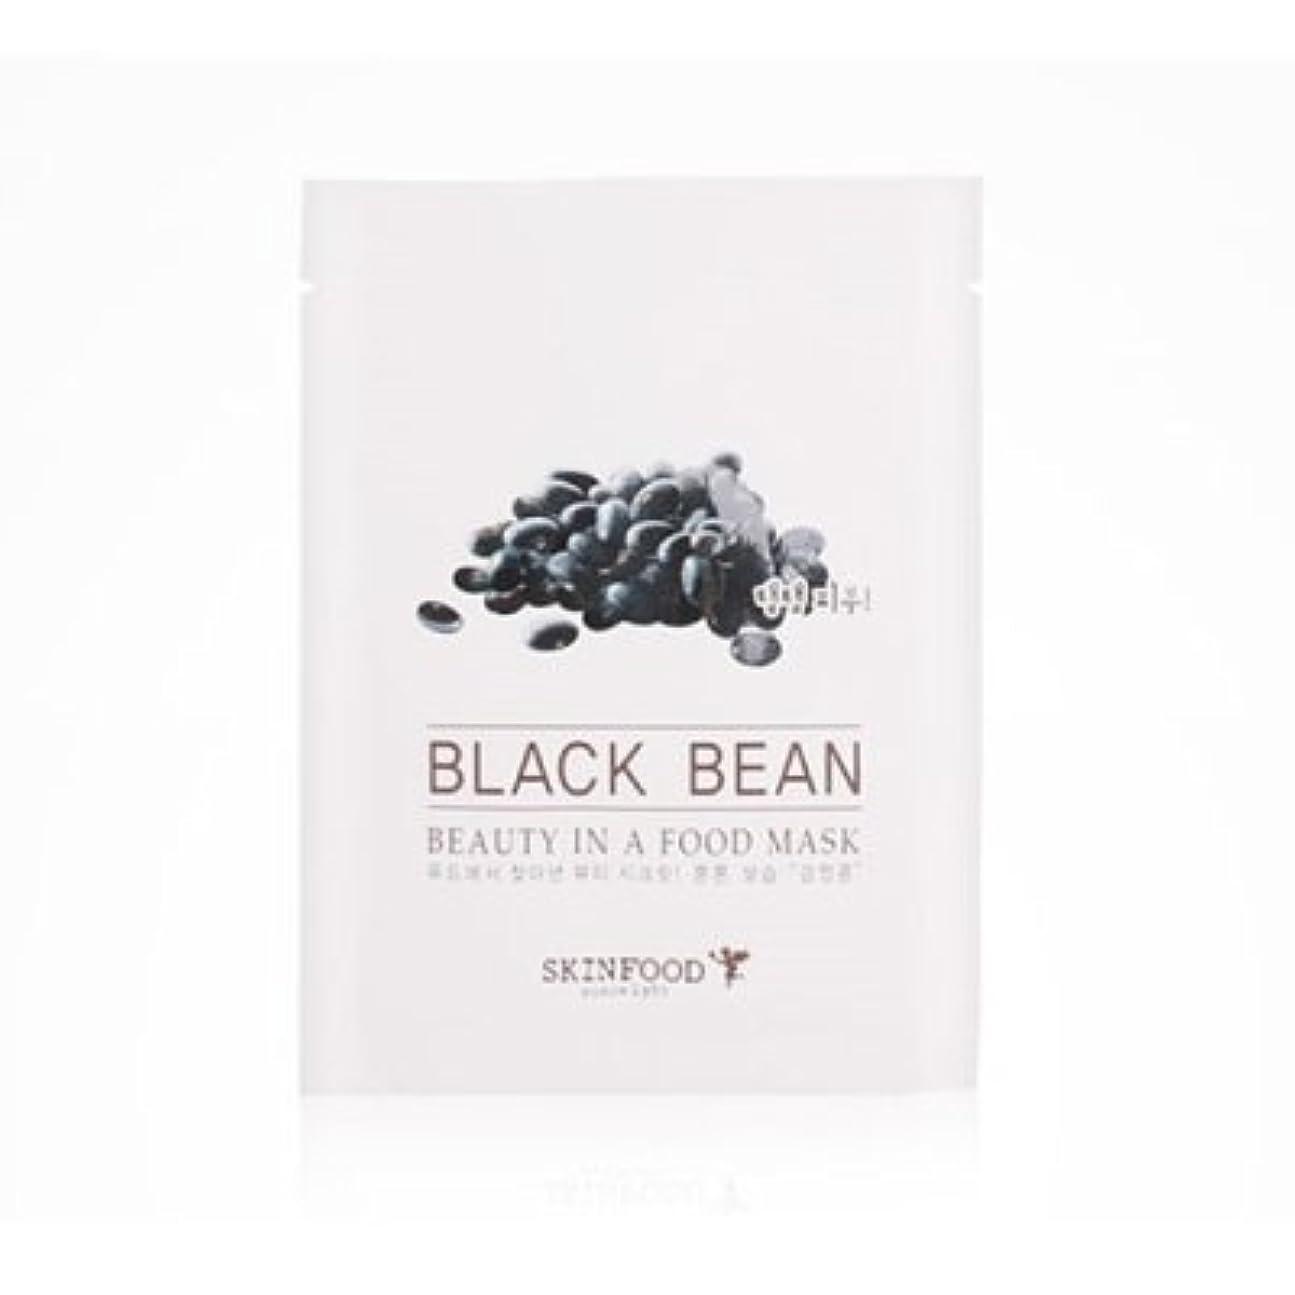 とティーム上院議員鋭くSKINFOOD Beauty in a Food Mask Sheet 5EA (BLACK BEAN) / スキンフード ビューティー イン ア フード マスクシート [並行輸入品]